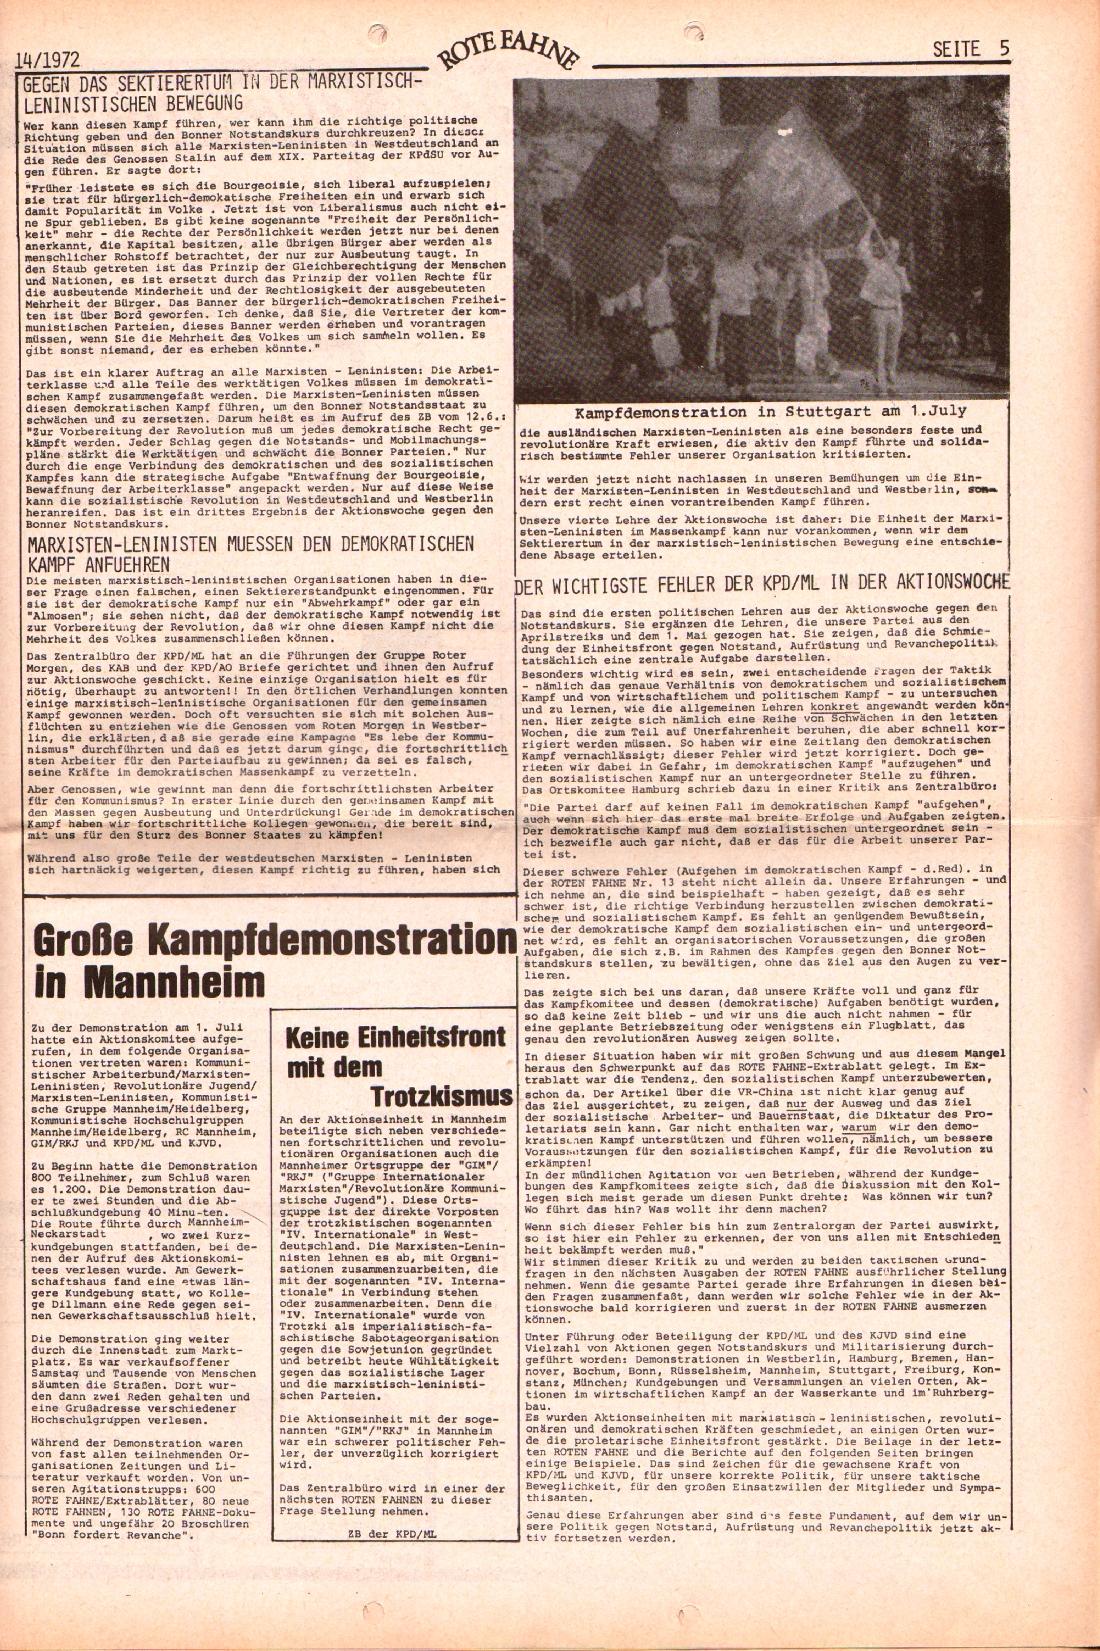 Rote Fahne, 3. Jg., 10.7.1972, Nr. 14, Seite 5